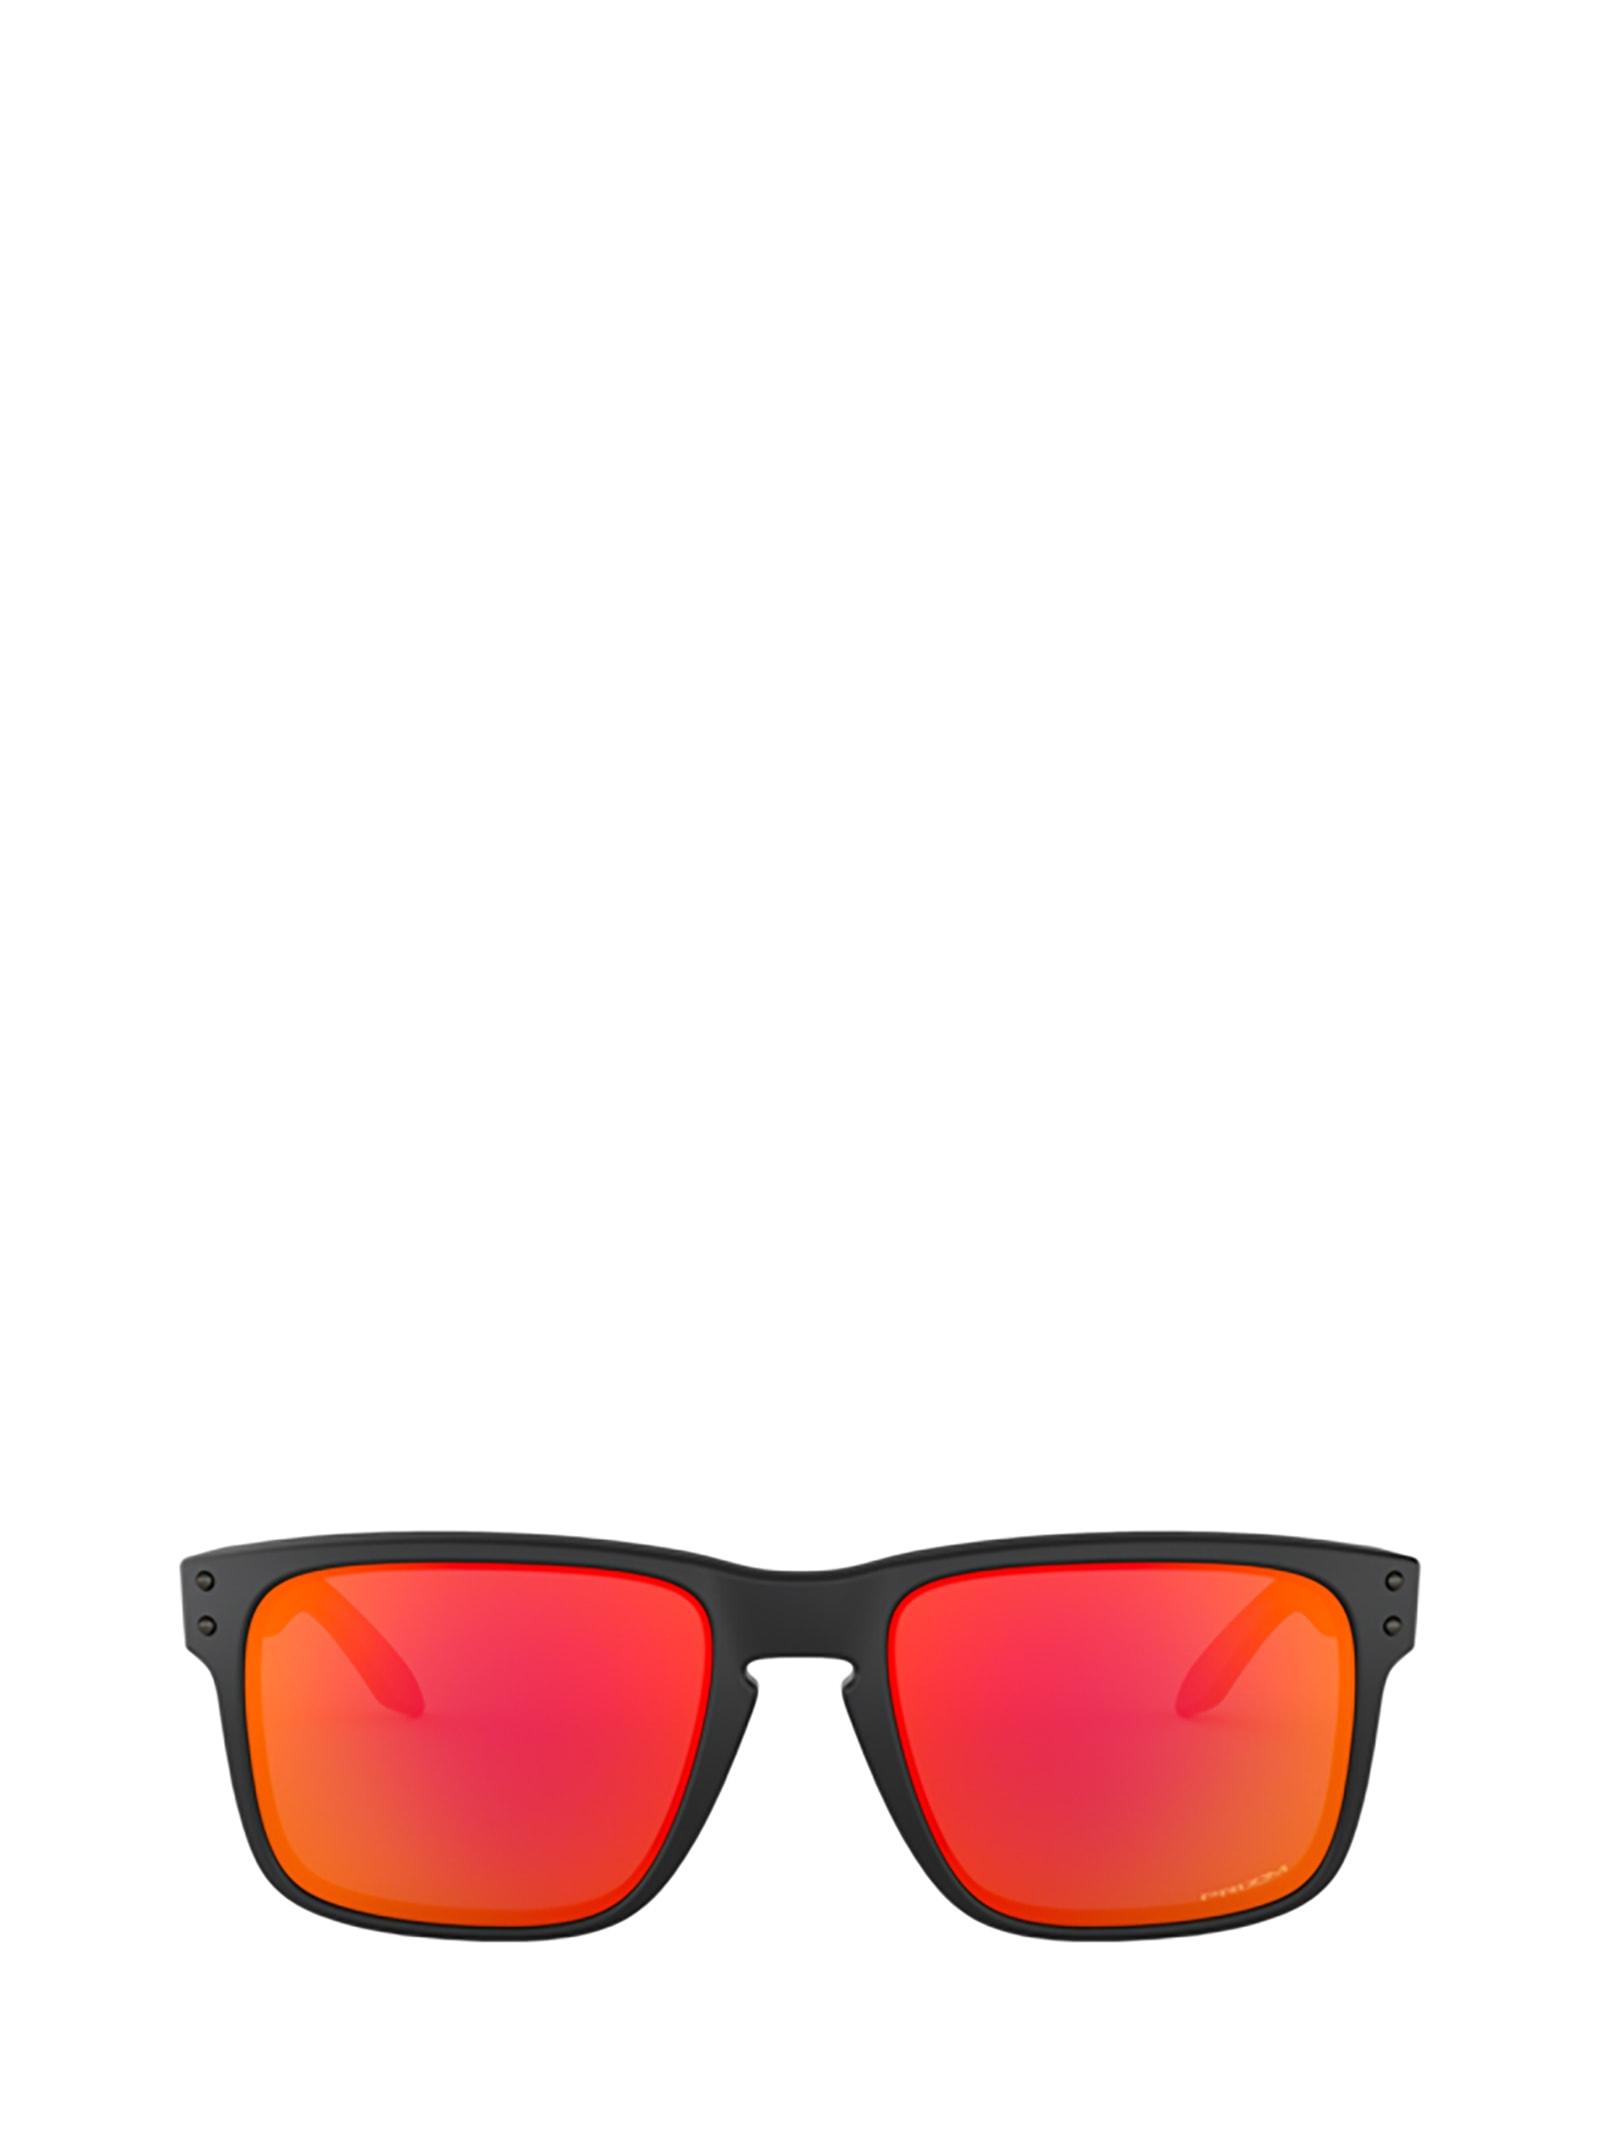 Oakley Oo9102 Matte Black Sunglasses